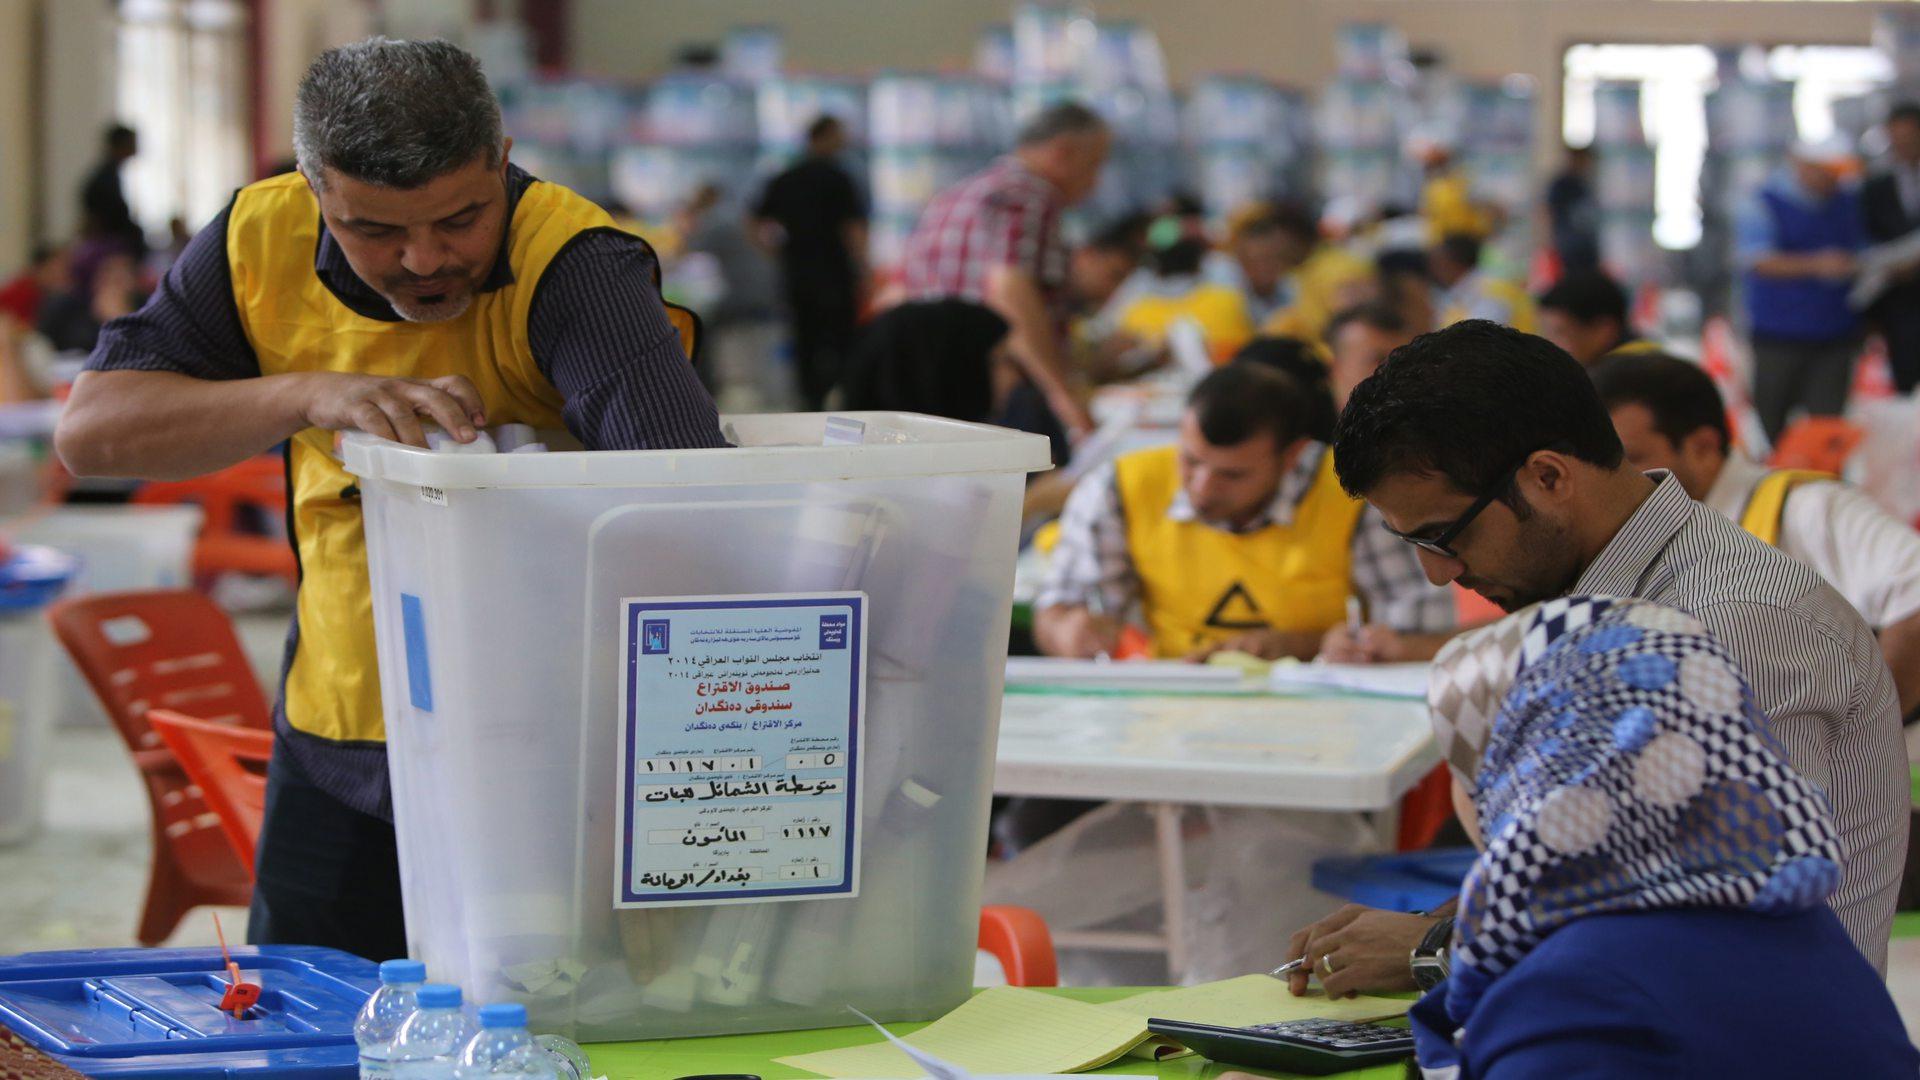 خاص - ترشيحات أولية للقوائم الفائزة بالانتخابات العراقية.. من هم ابرز الفائزين والخاسرين؟